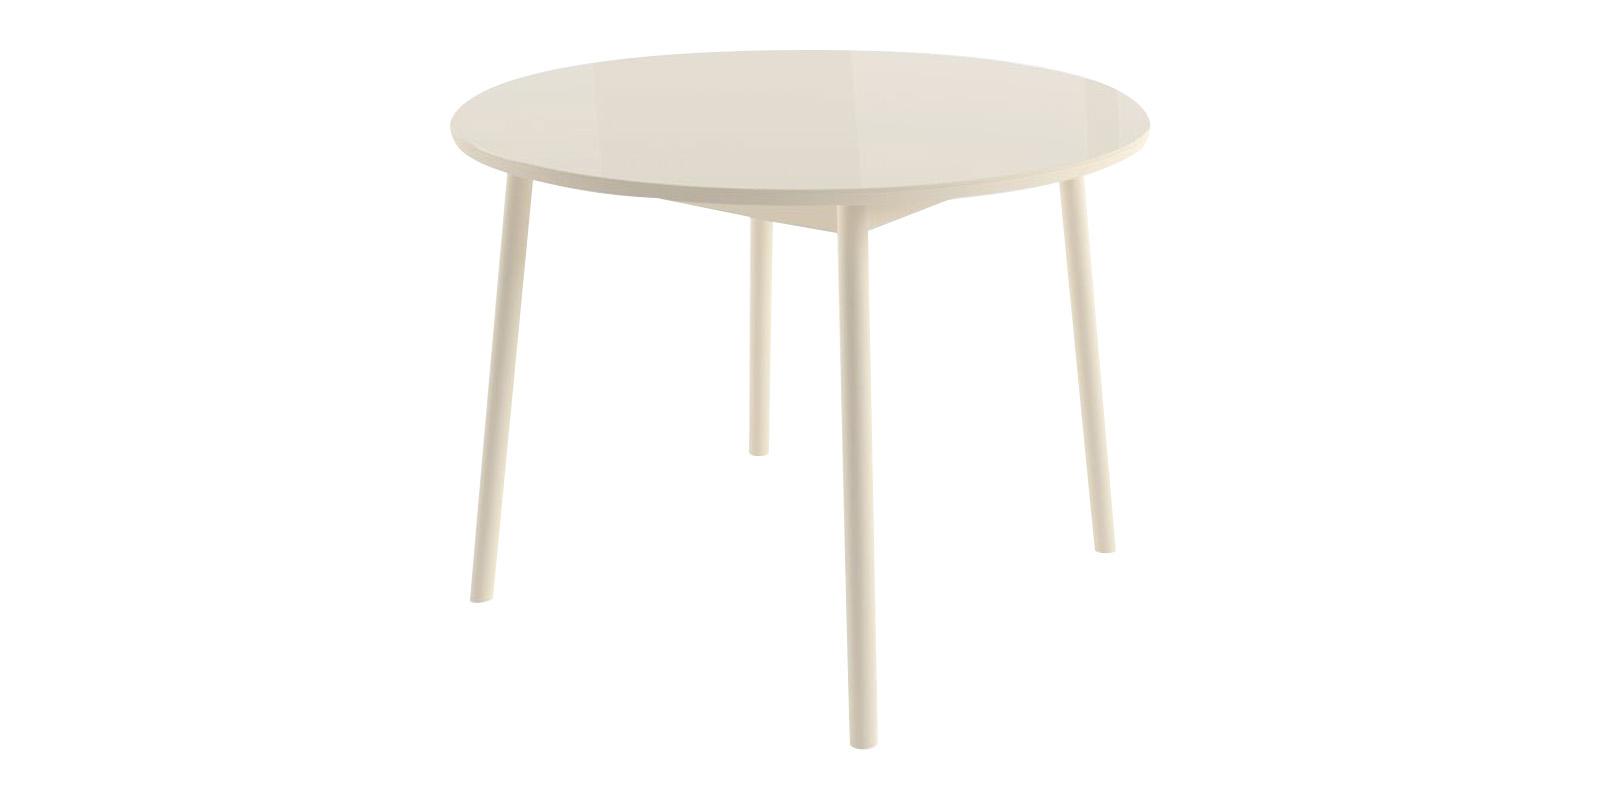 Обеденный стол Раунд (кремовый) круглый